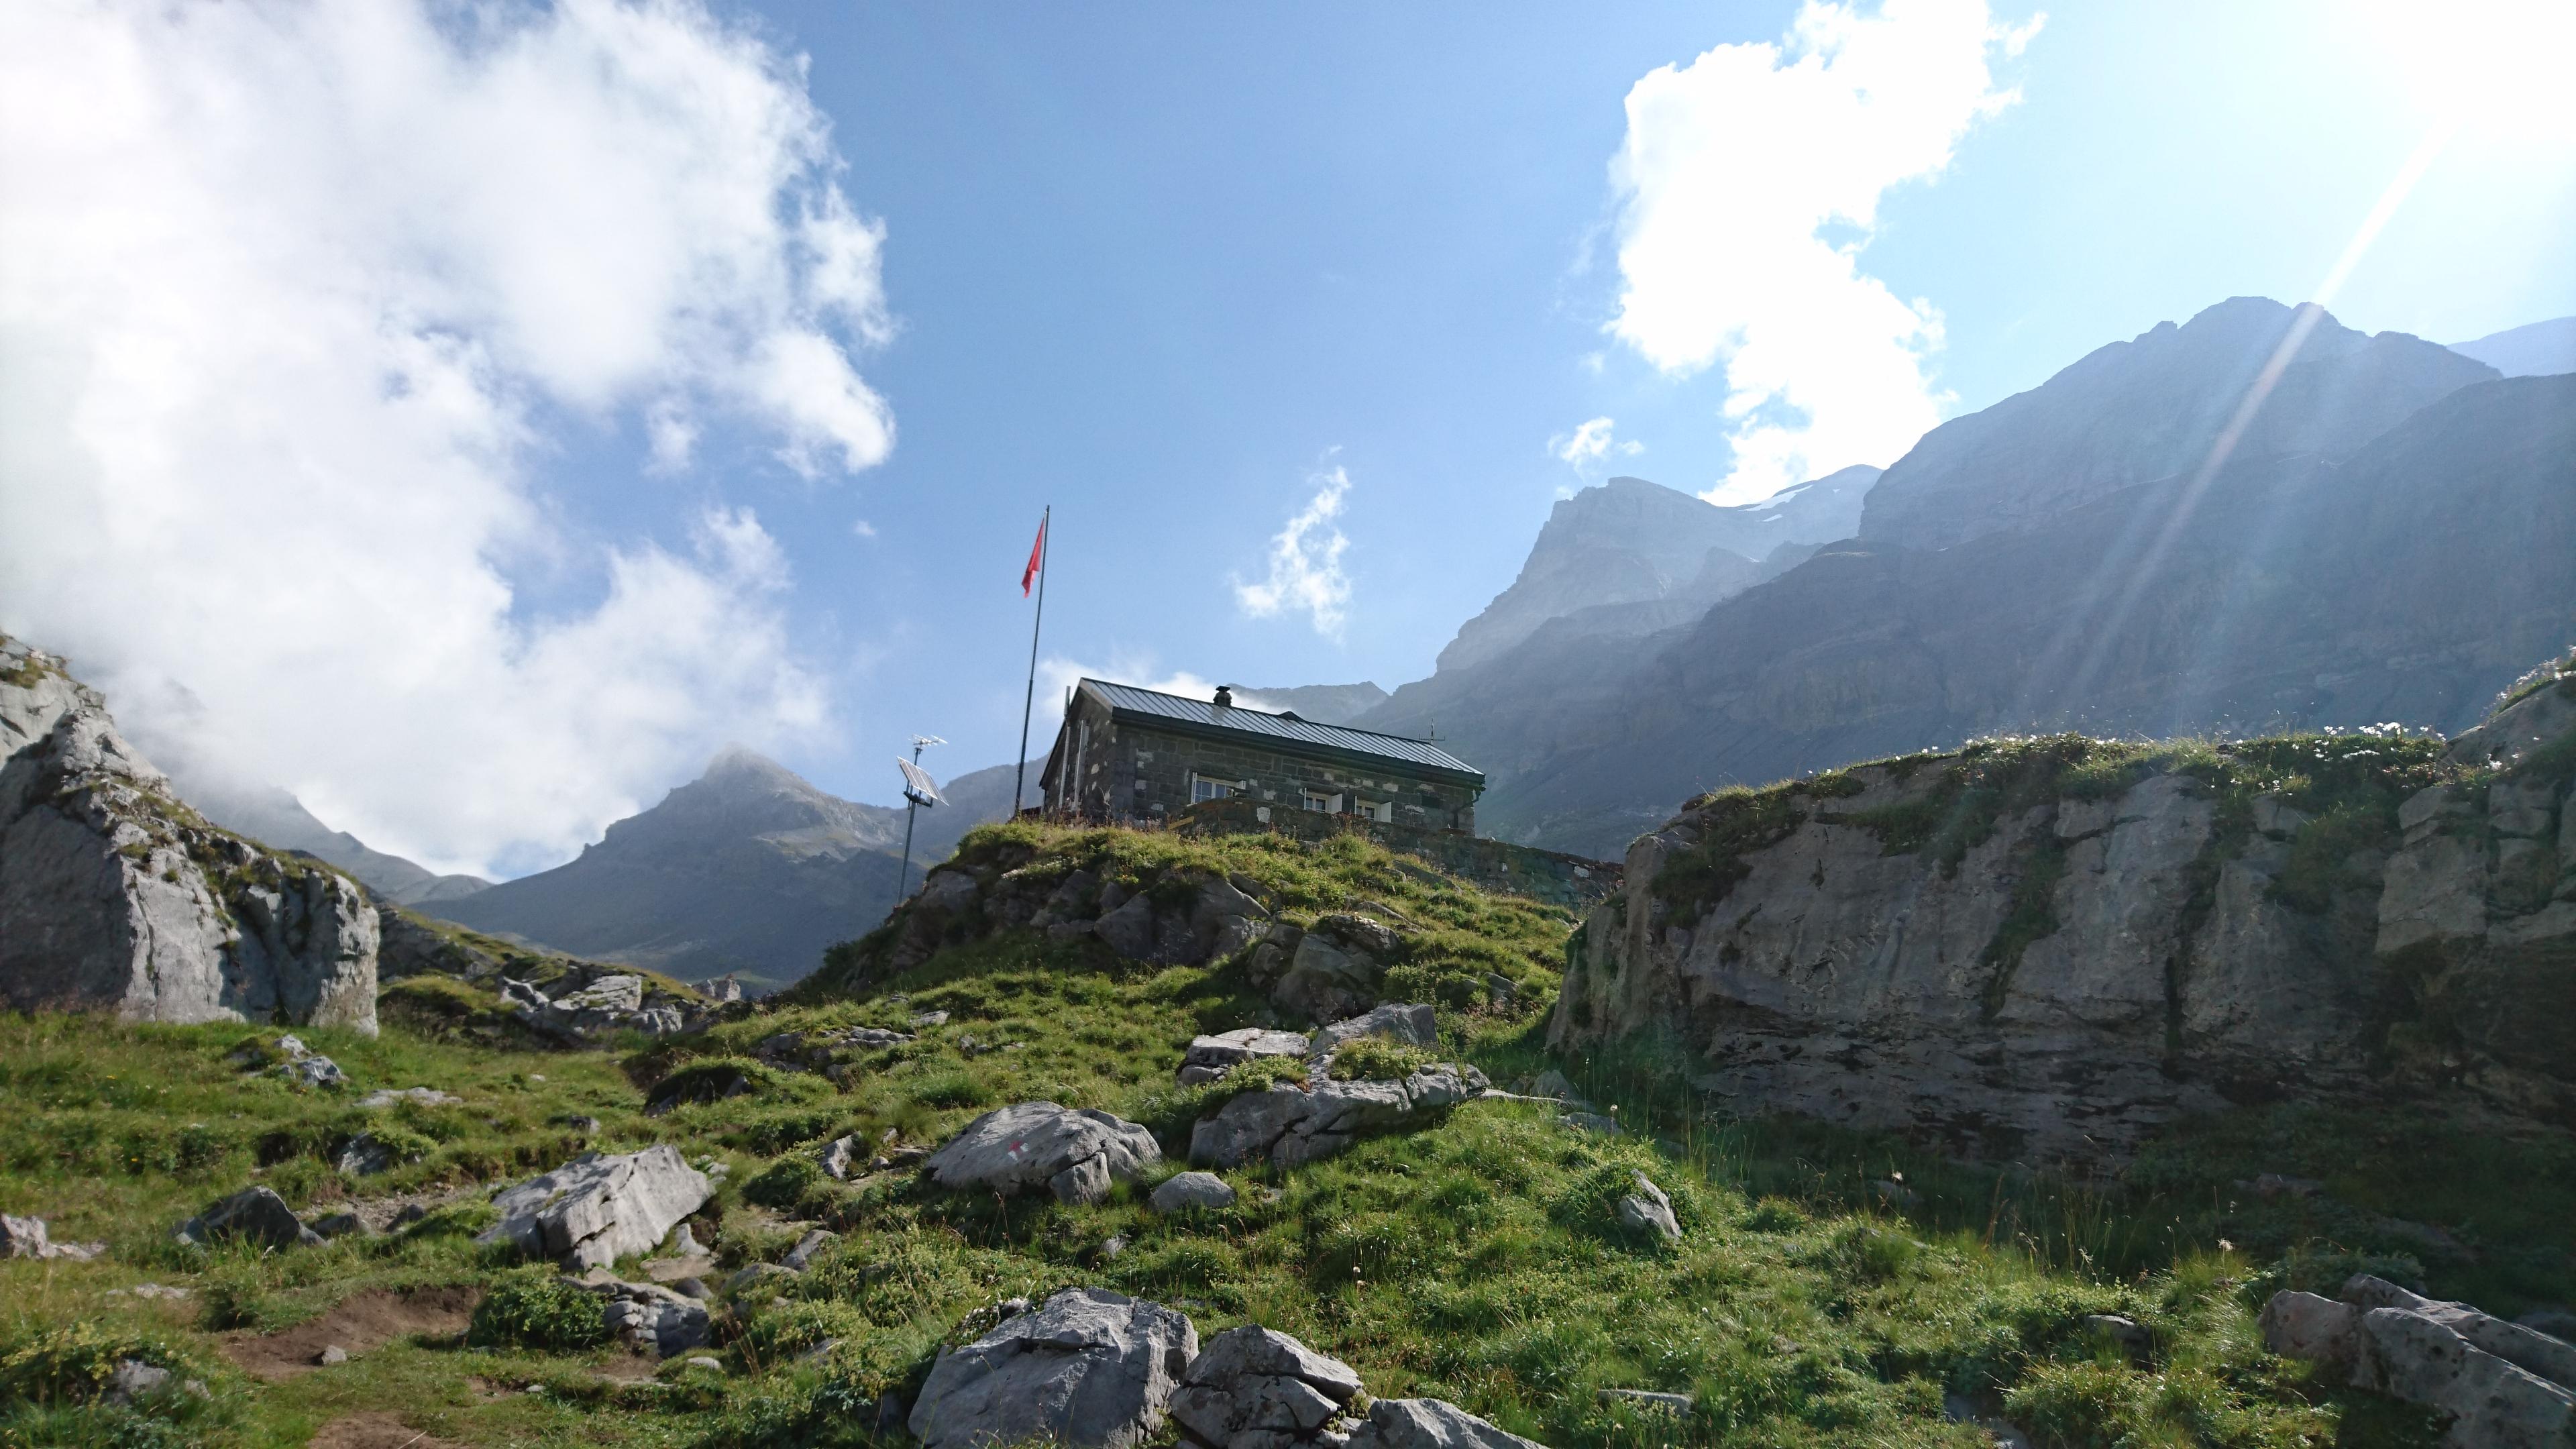 Les plus belles cabanes de montagne de Suisse - Cabane de Susanfe, Champéry, Valais